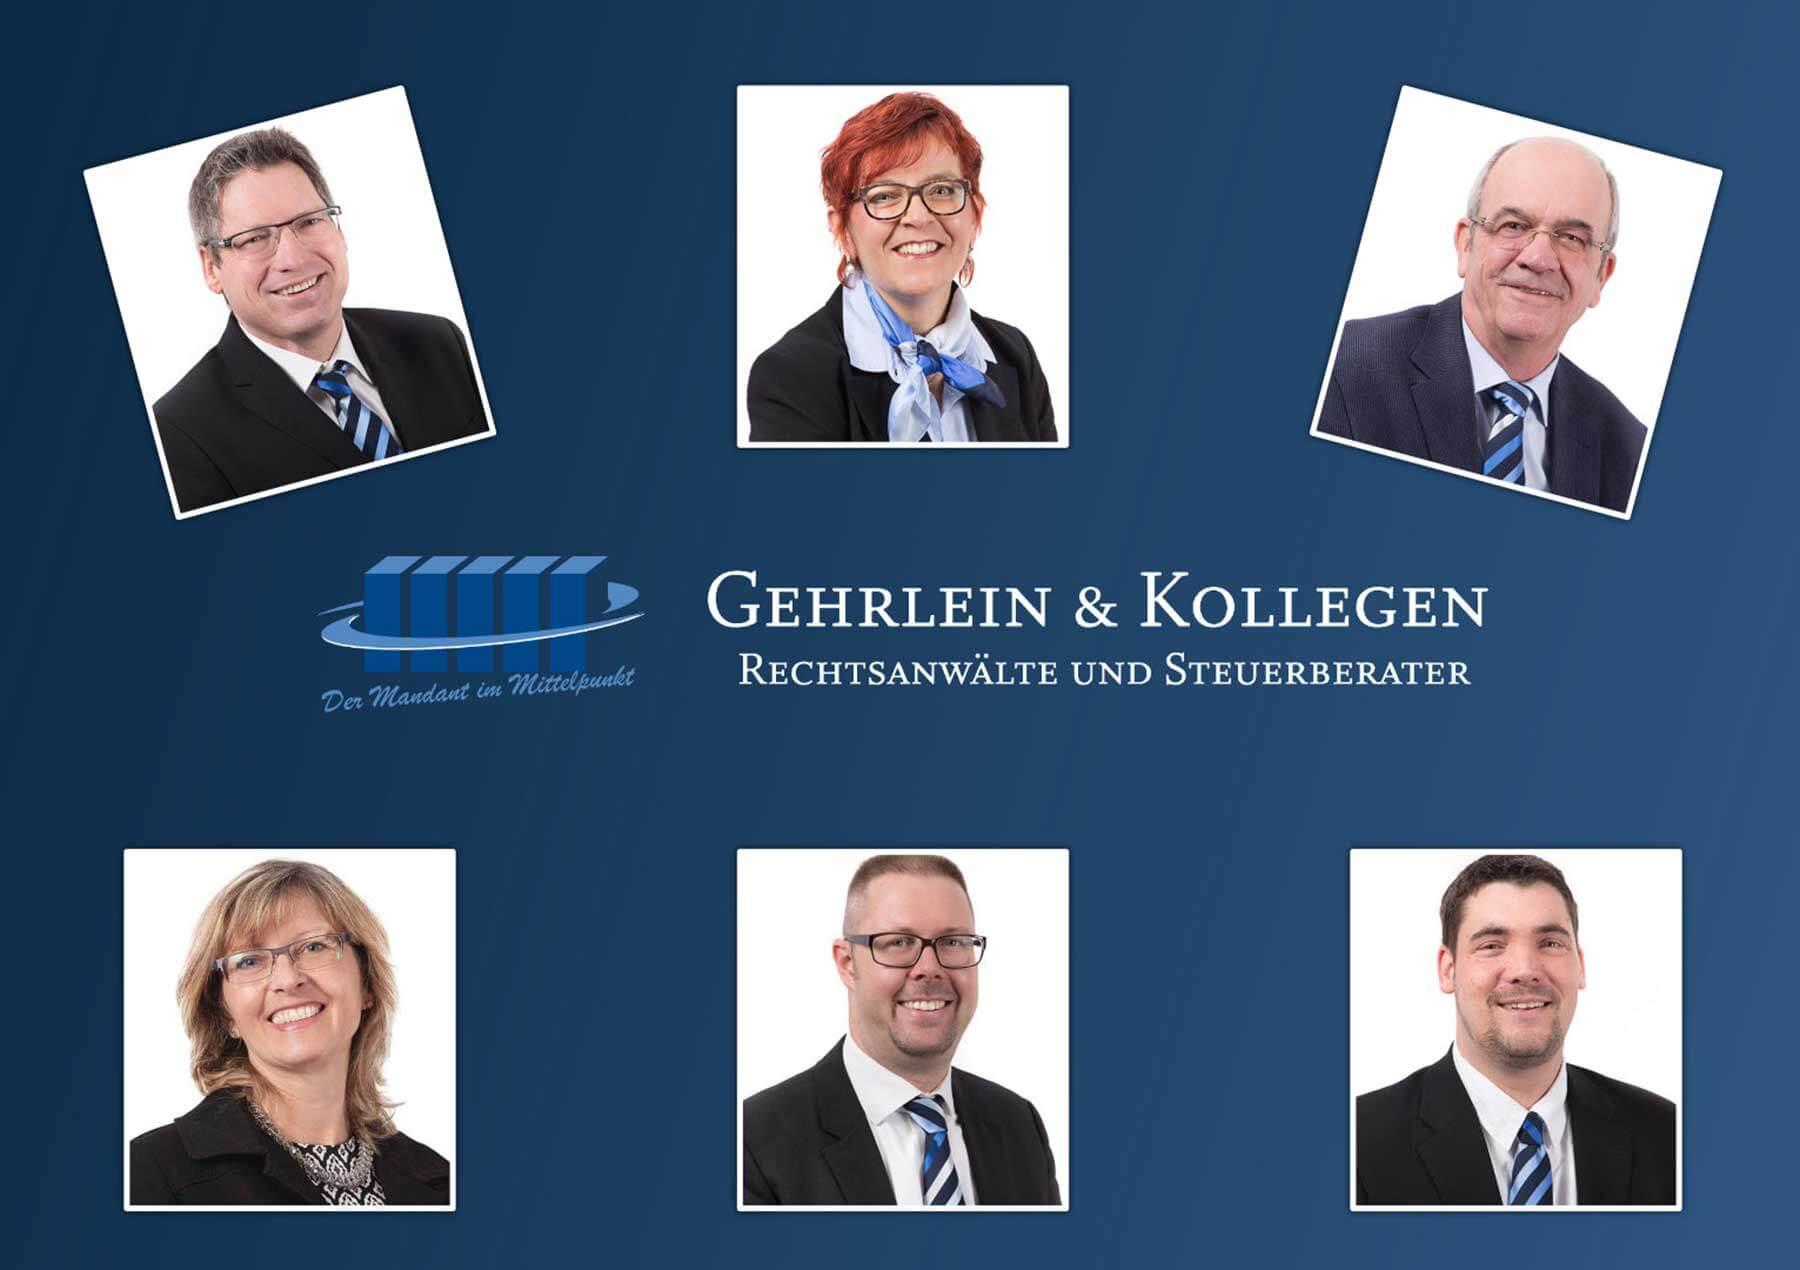 Gehrlein & Kollegen